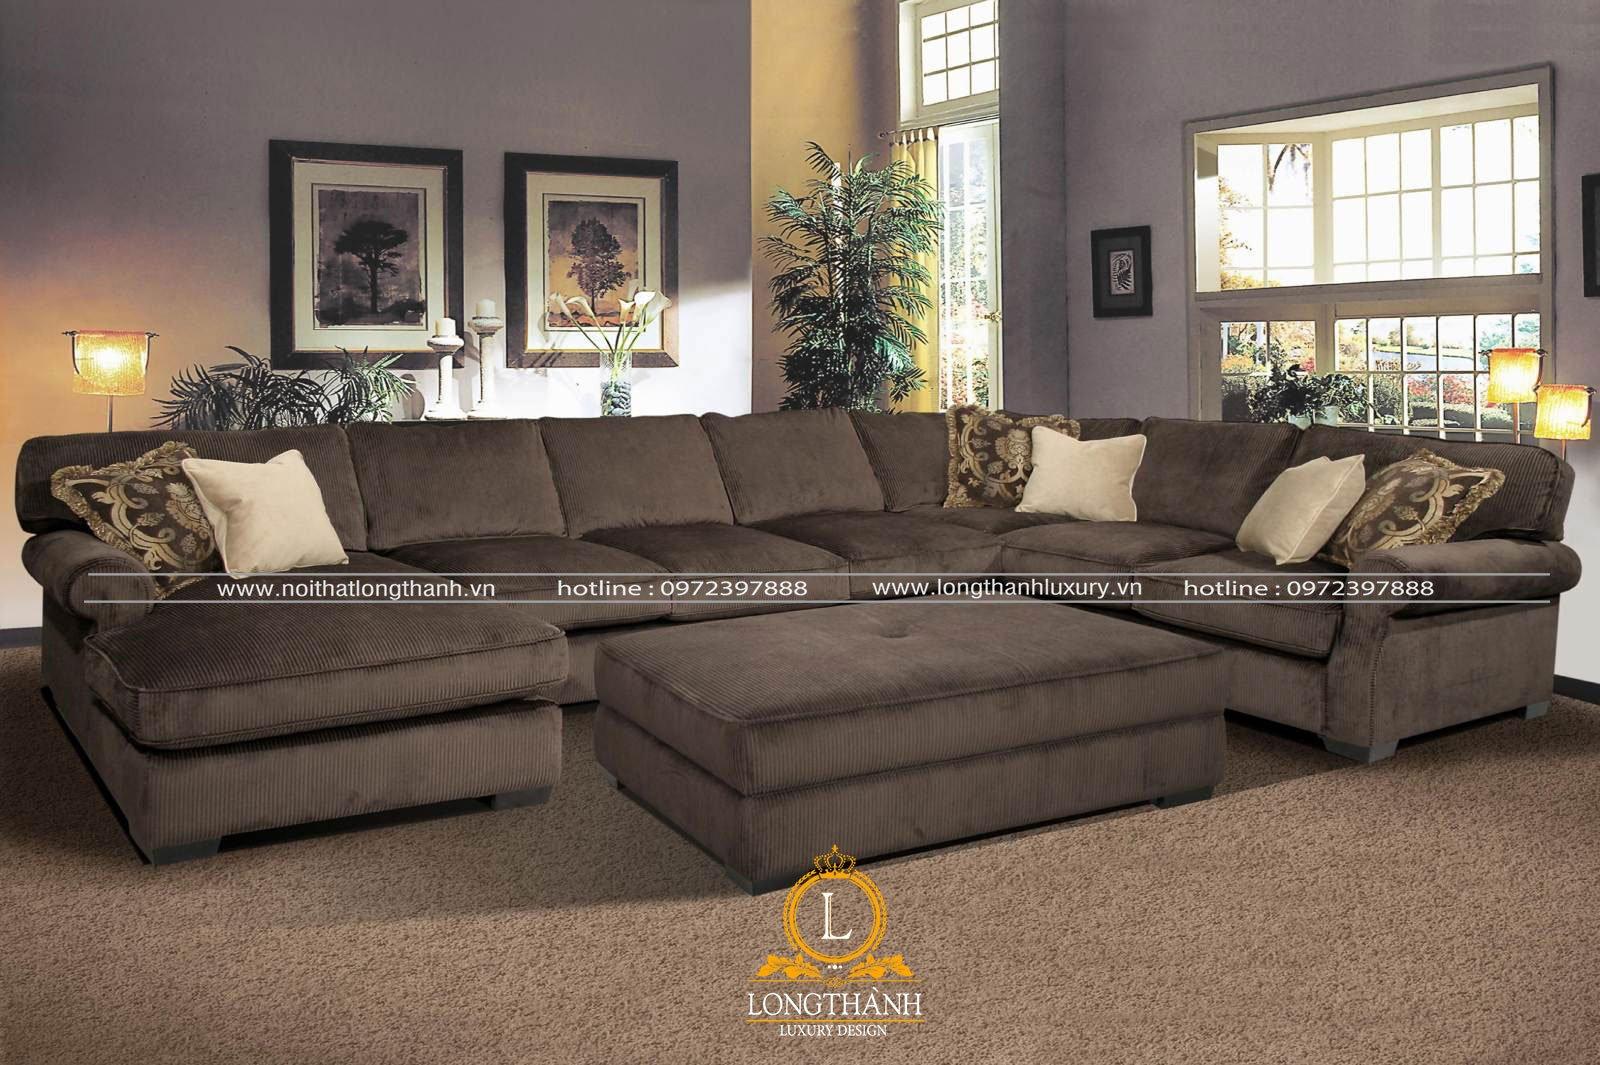 Sofa chữ u theo kiểu hiện đại được làm từ chất liệu vải và nỉ